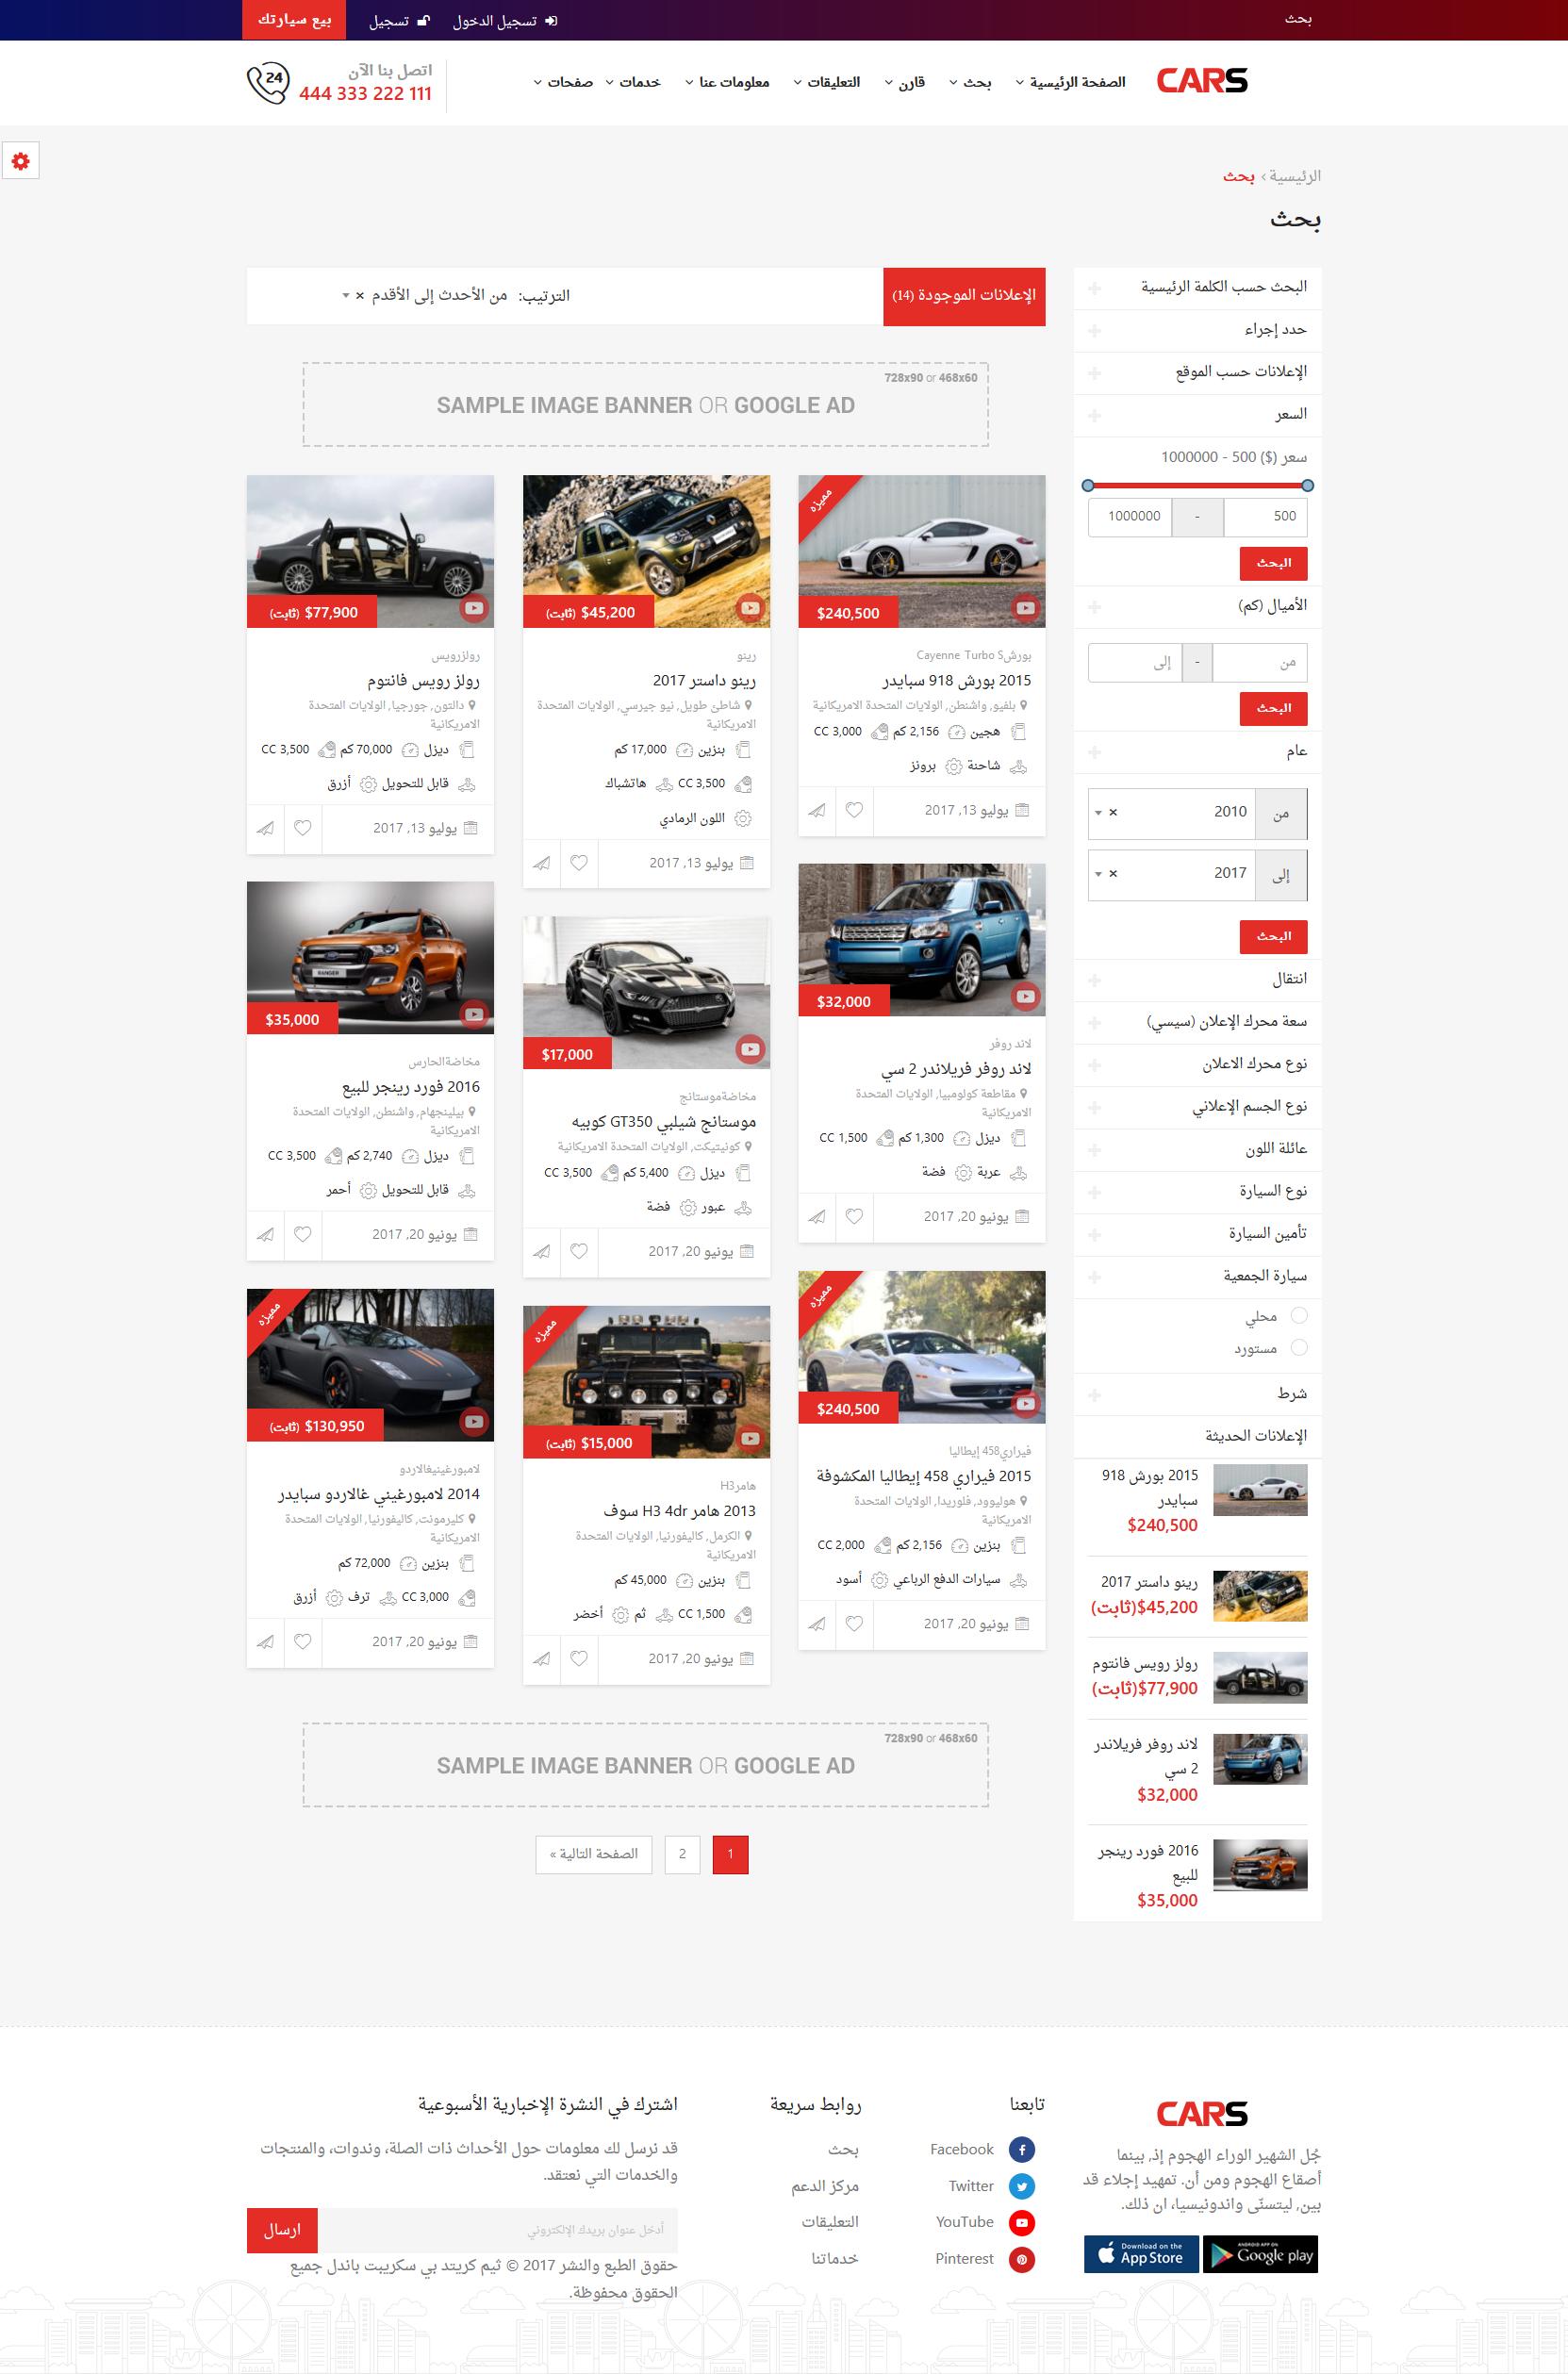 تصميم برنامج موقع حراج معارض سيارات - صفحة البحث عن عروض سيارات للبيع والشراء